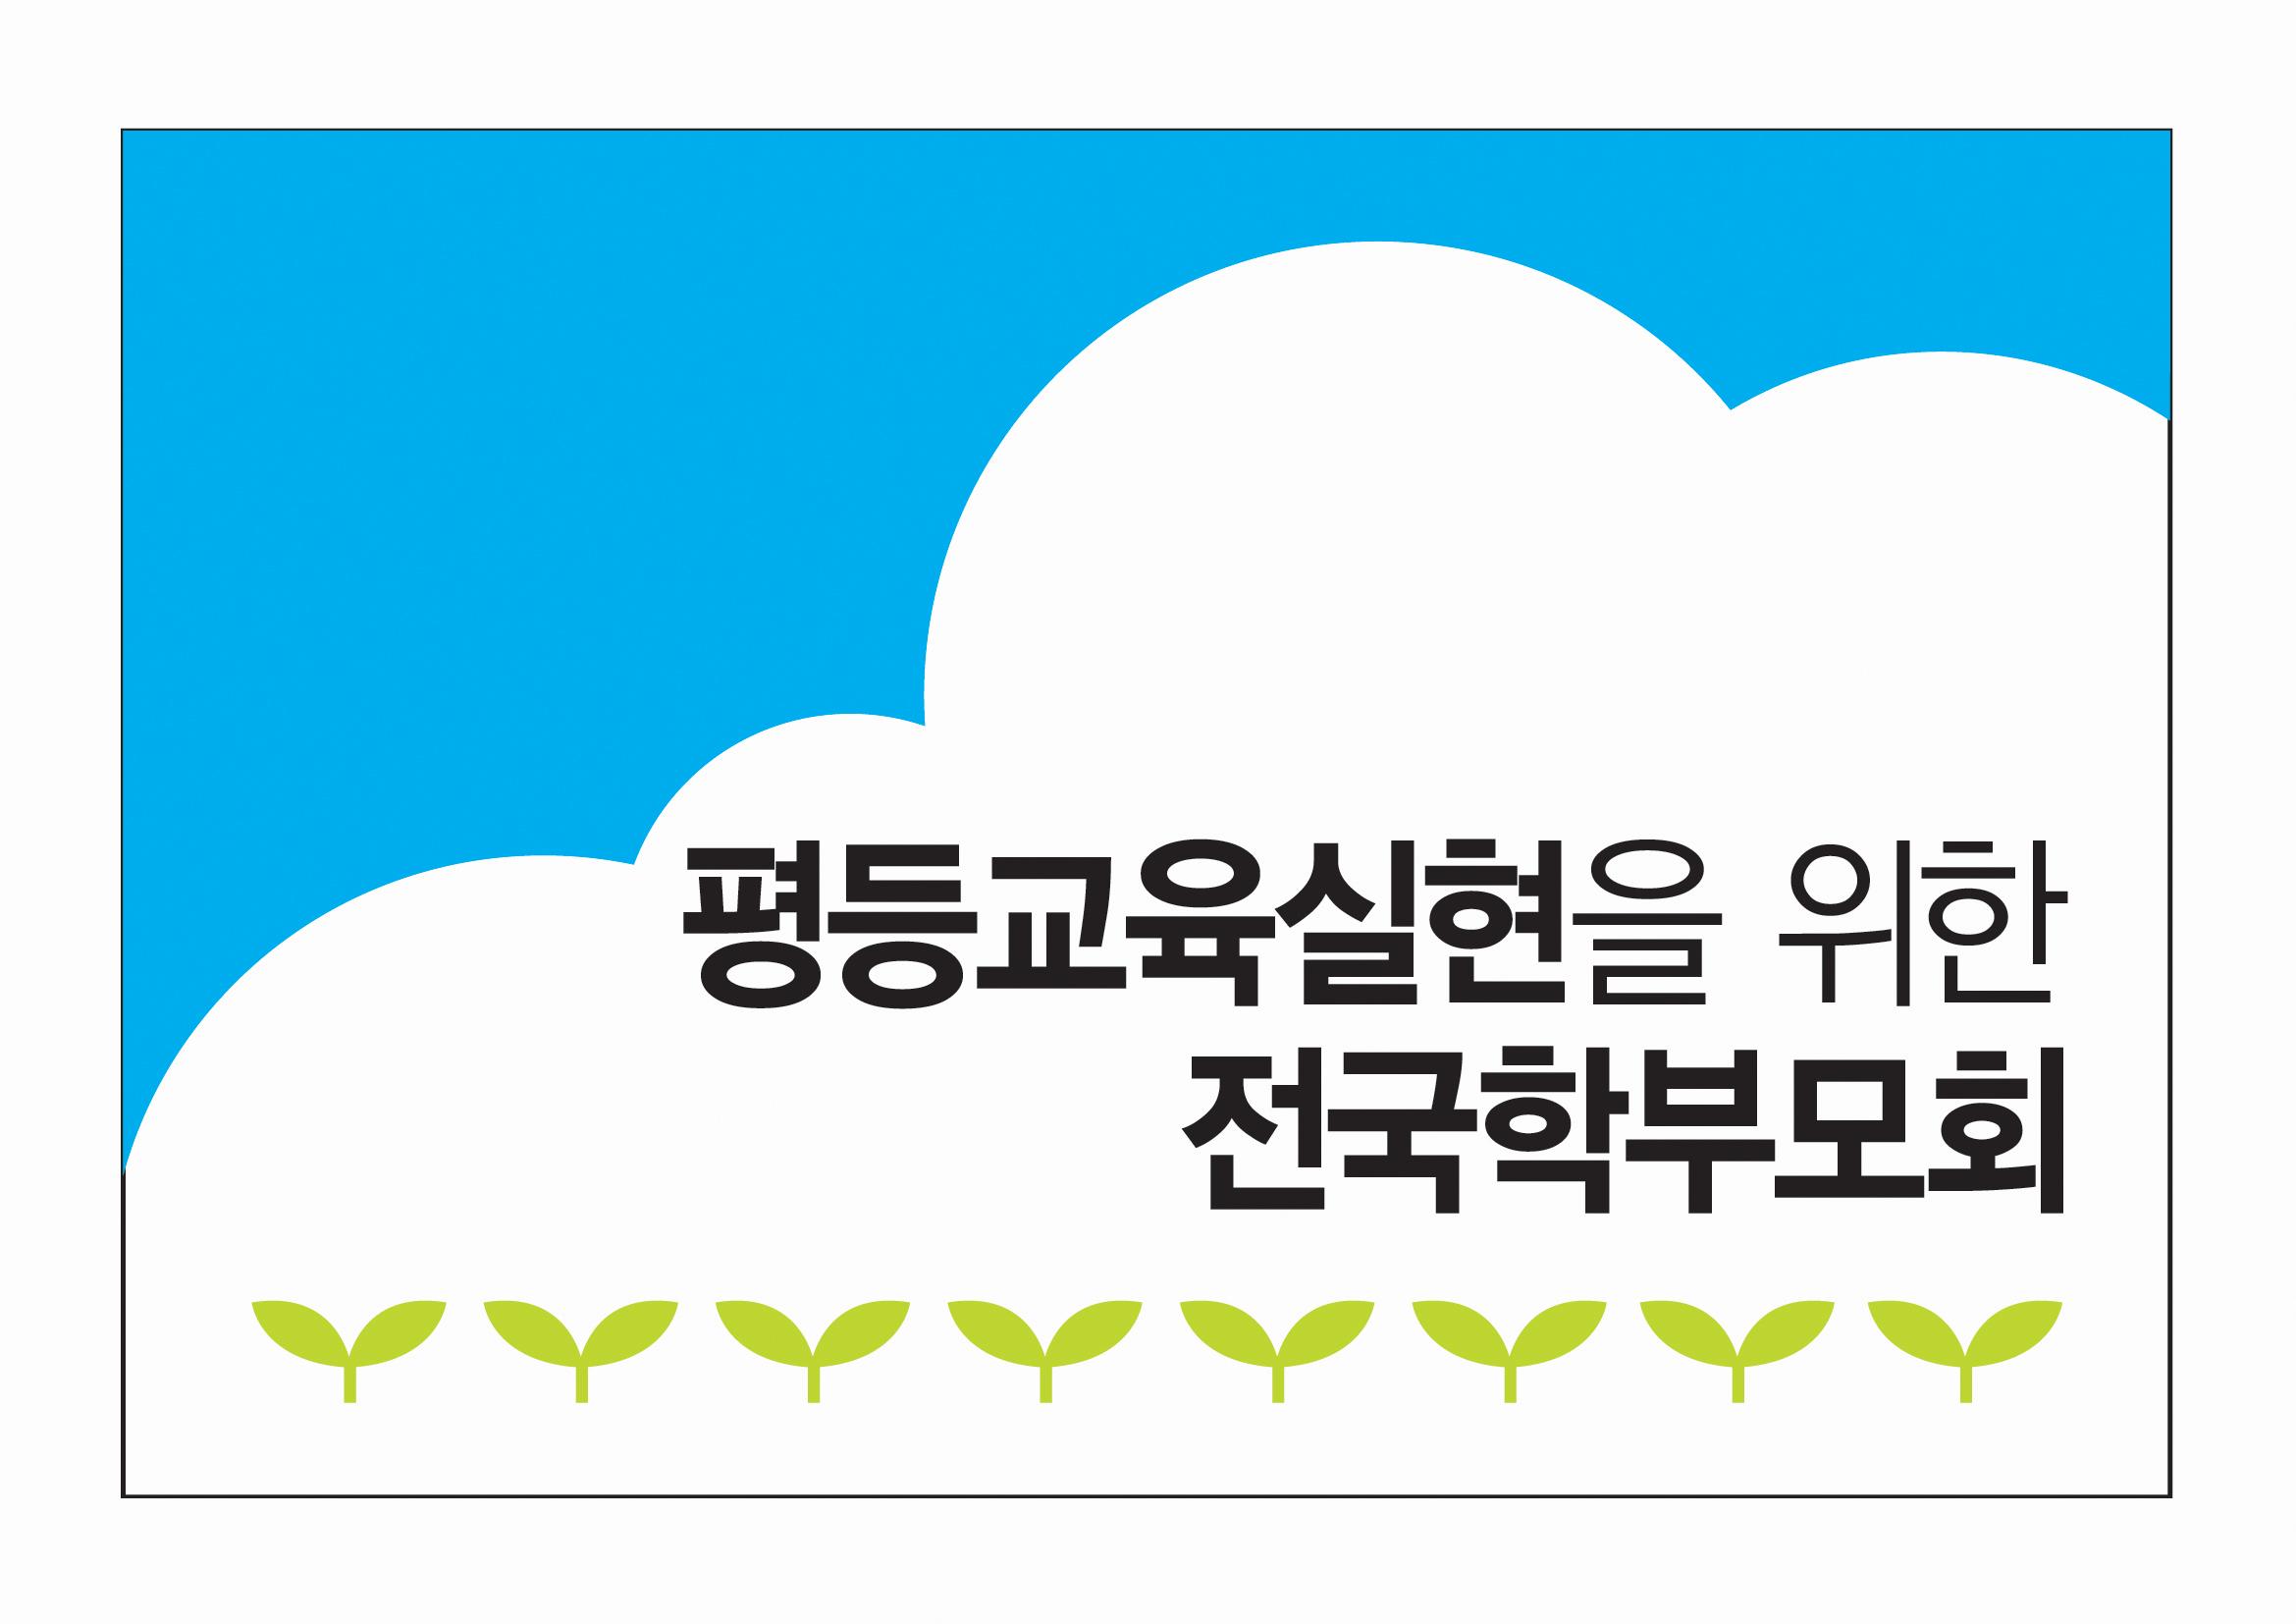 평등교육로고_깃발적용02.jpg